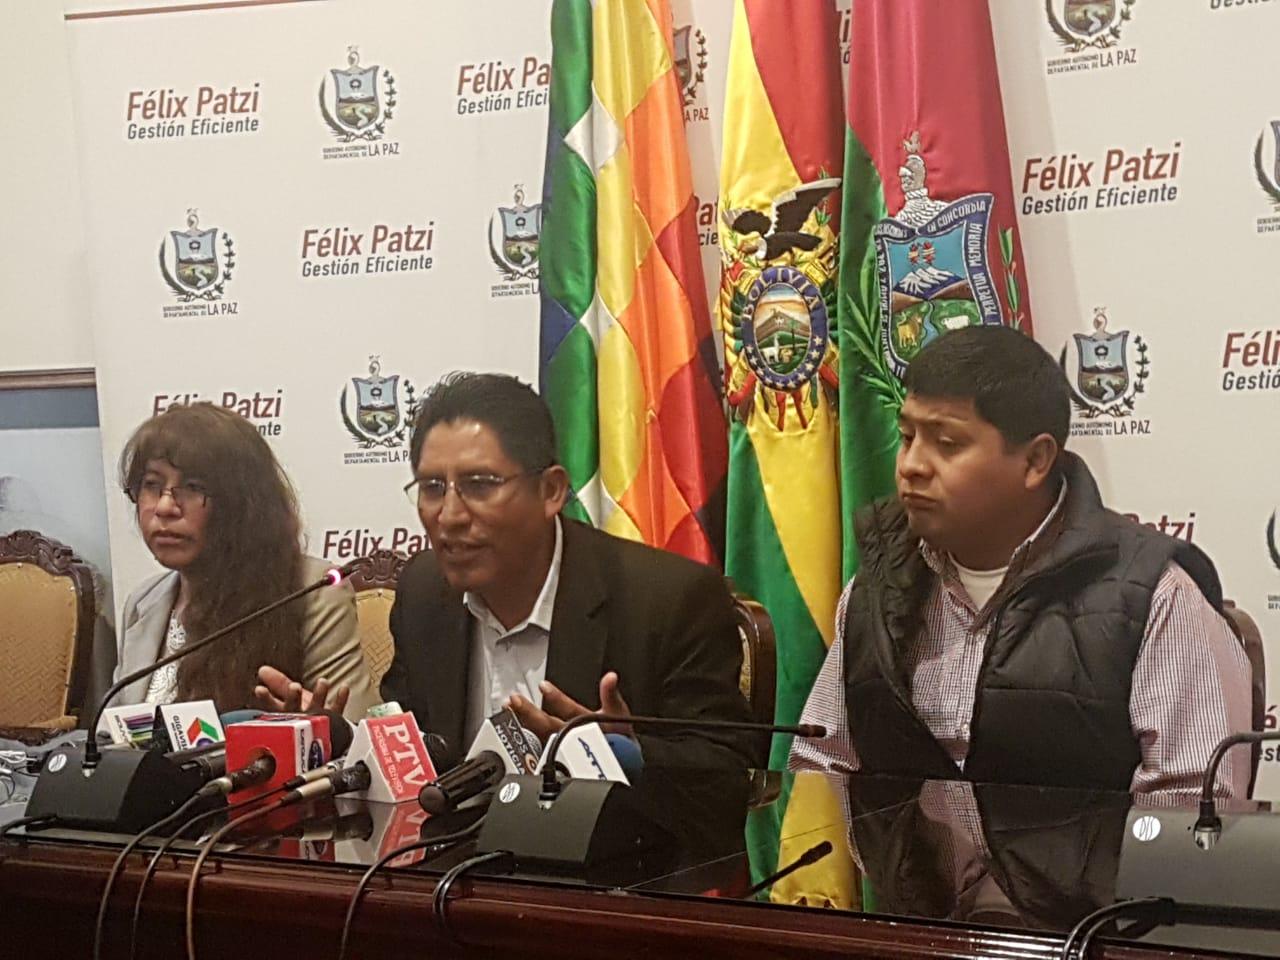 Patzi en conferencia de prensa pidió pacificar el país y esperar nuevas elecciones / RADIO LIDER